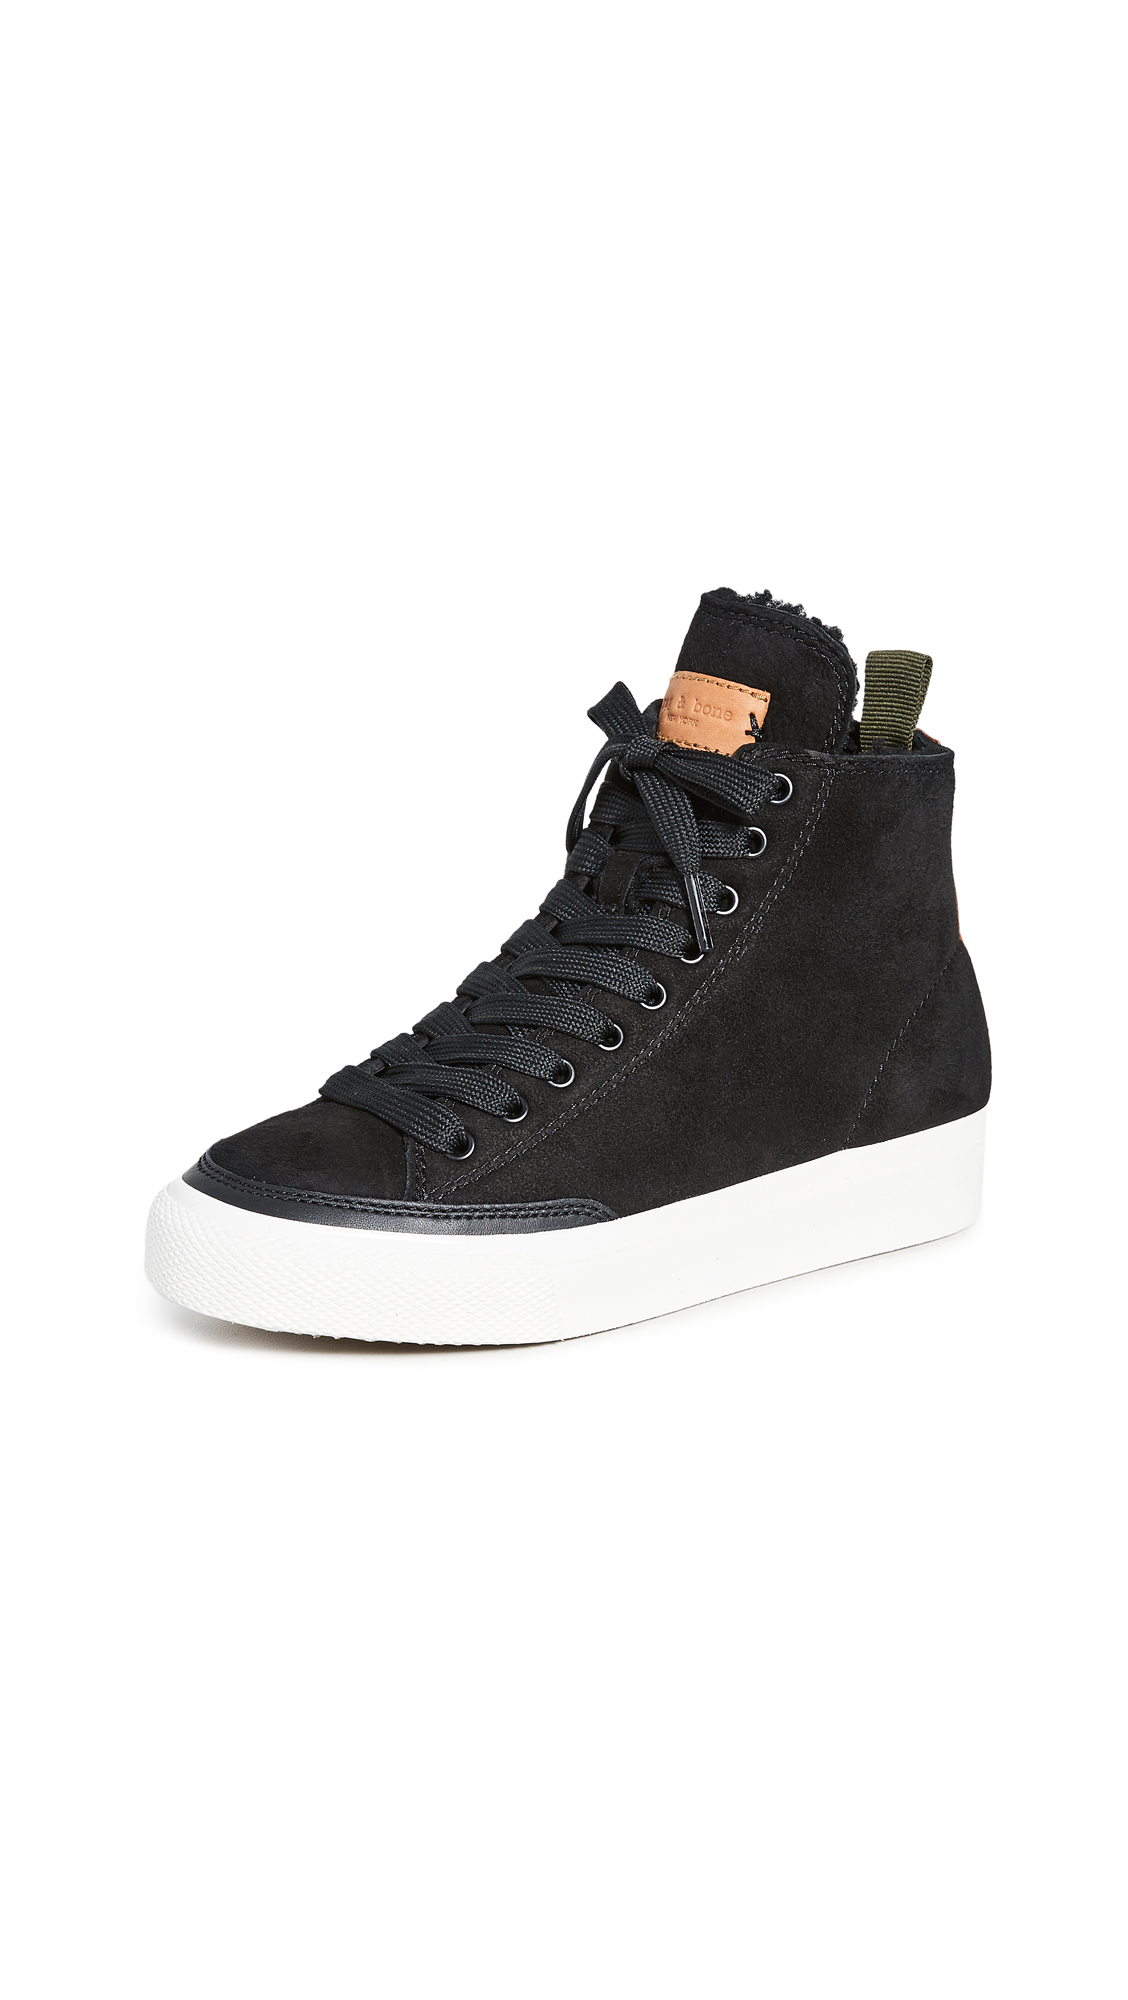 Rag & Bone Rb High Top Sneakers - 30% Off Sale